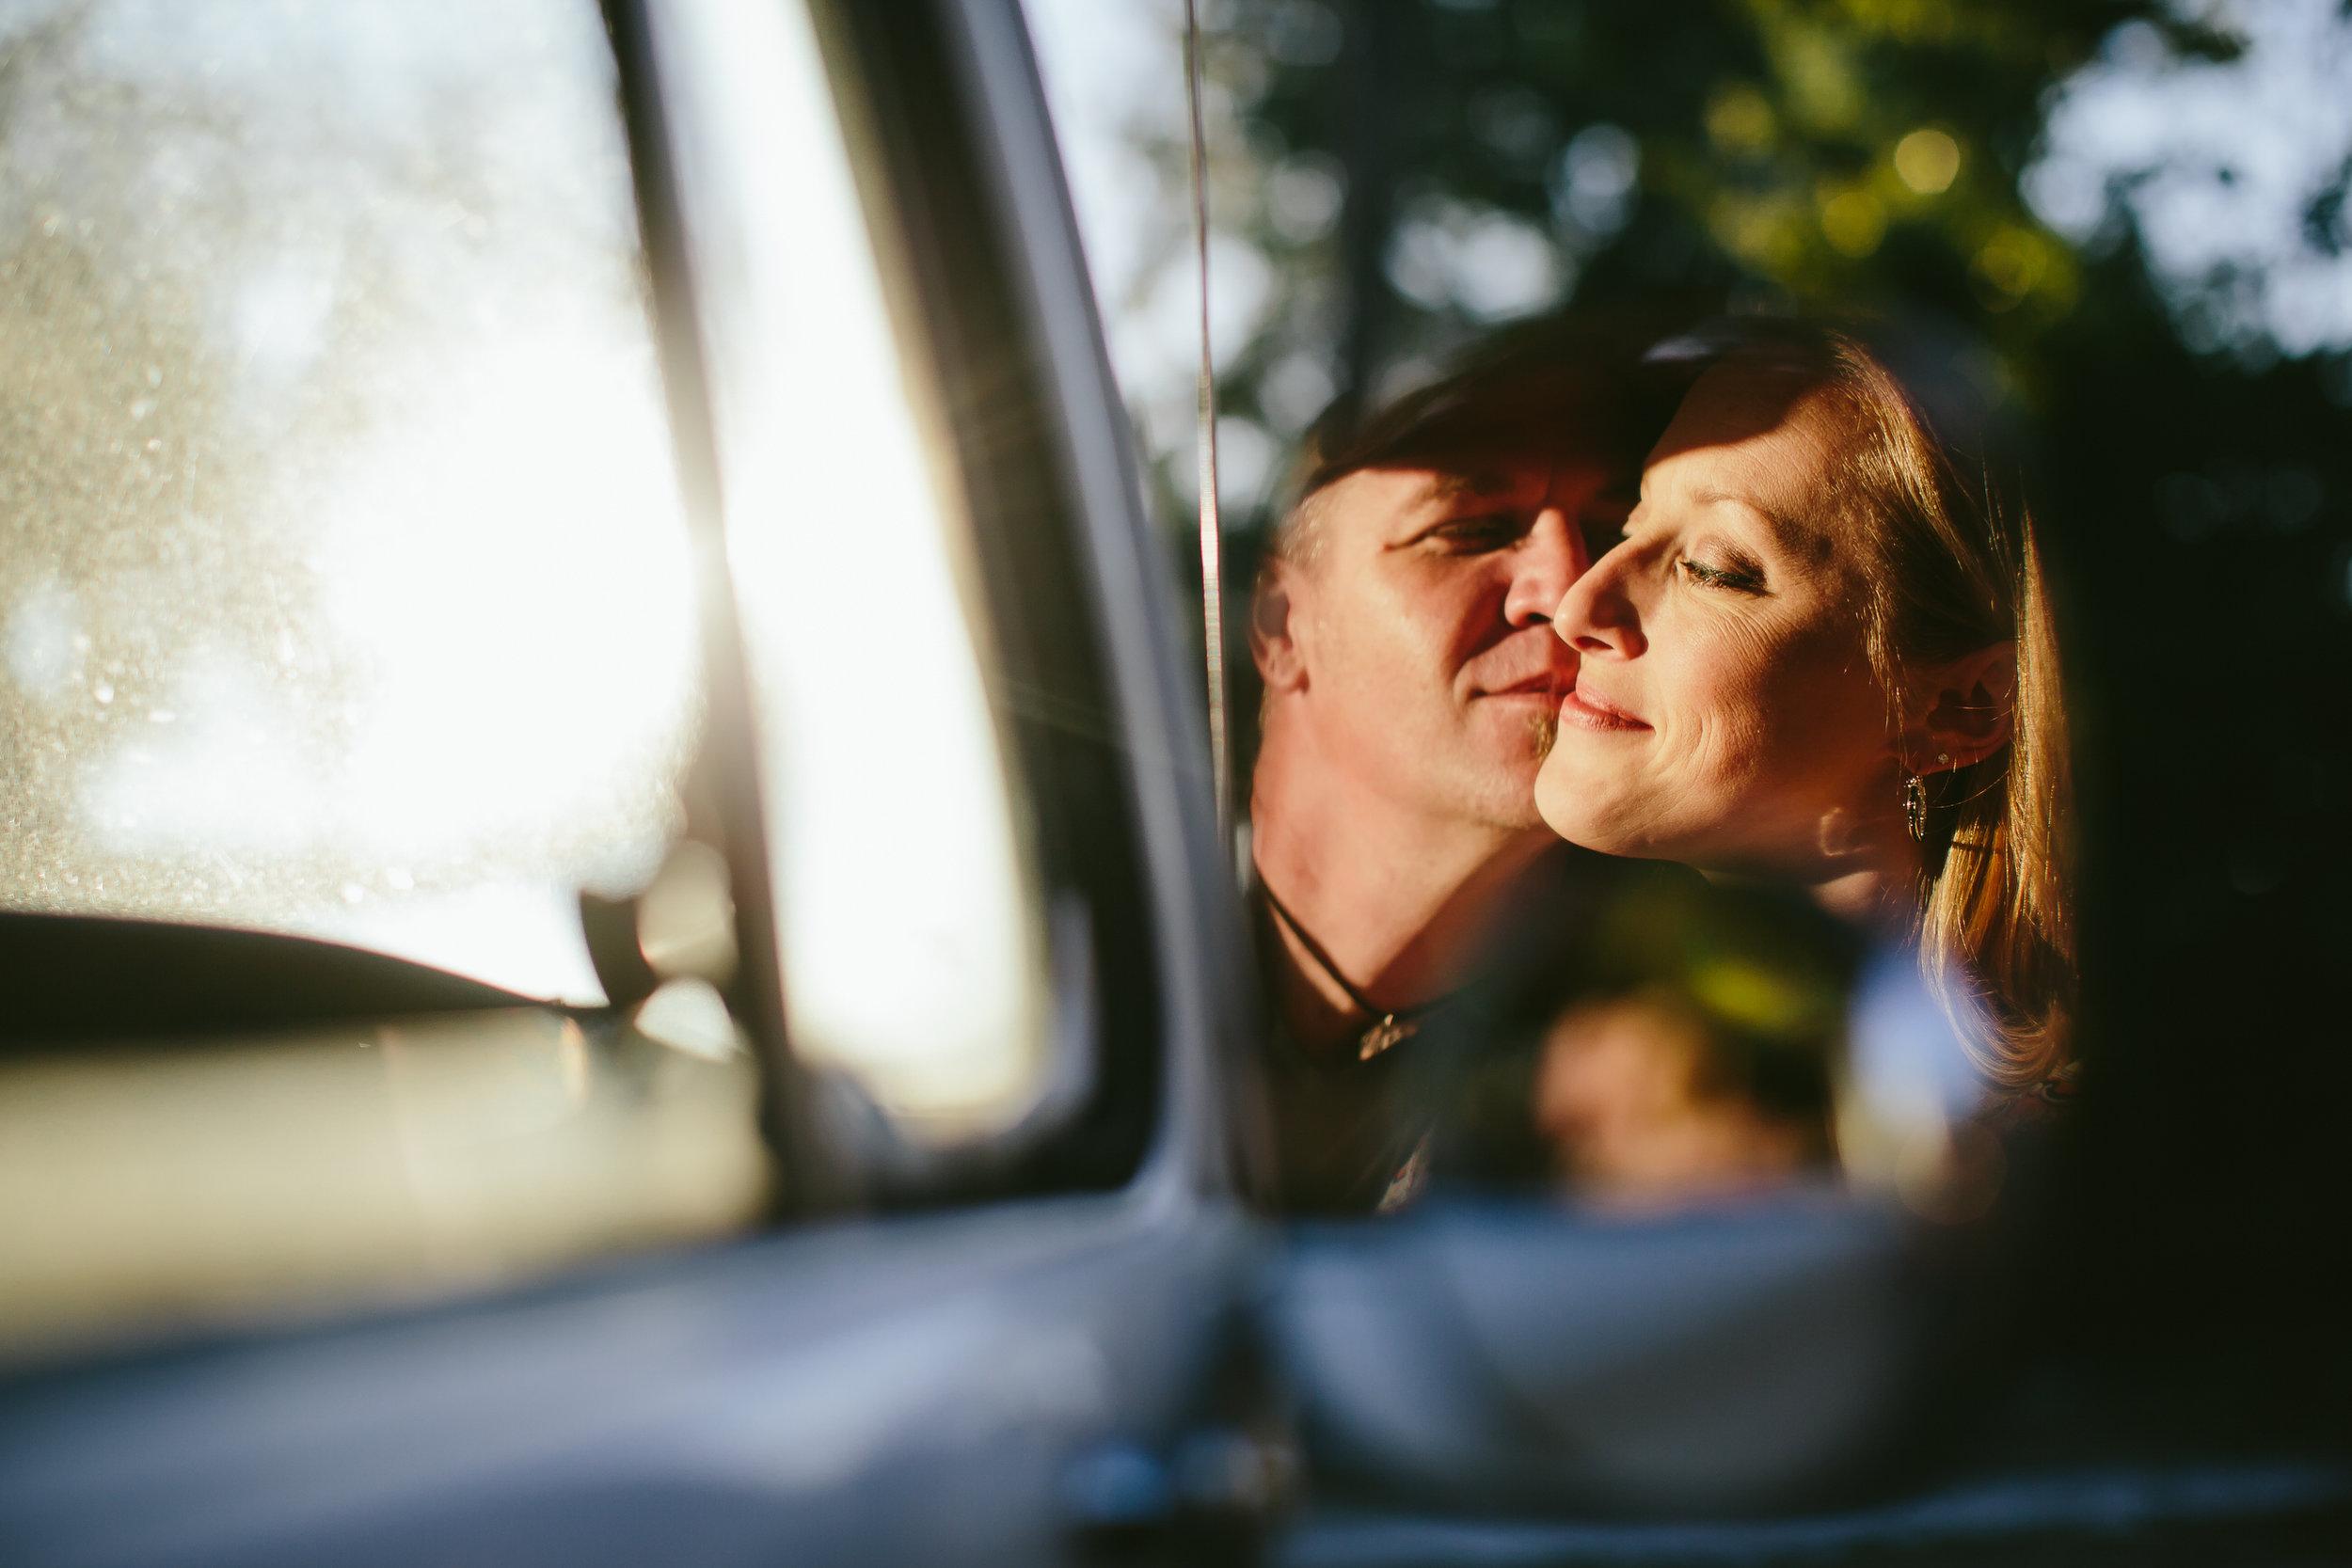 reflection_engagement_couple_tiny_house_photo_apopka_wedding_photographer.jpg